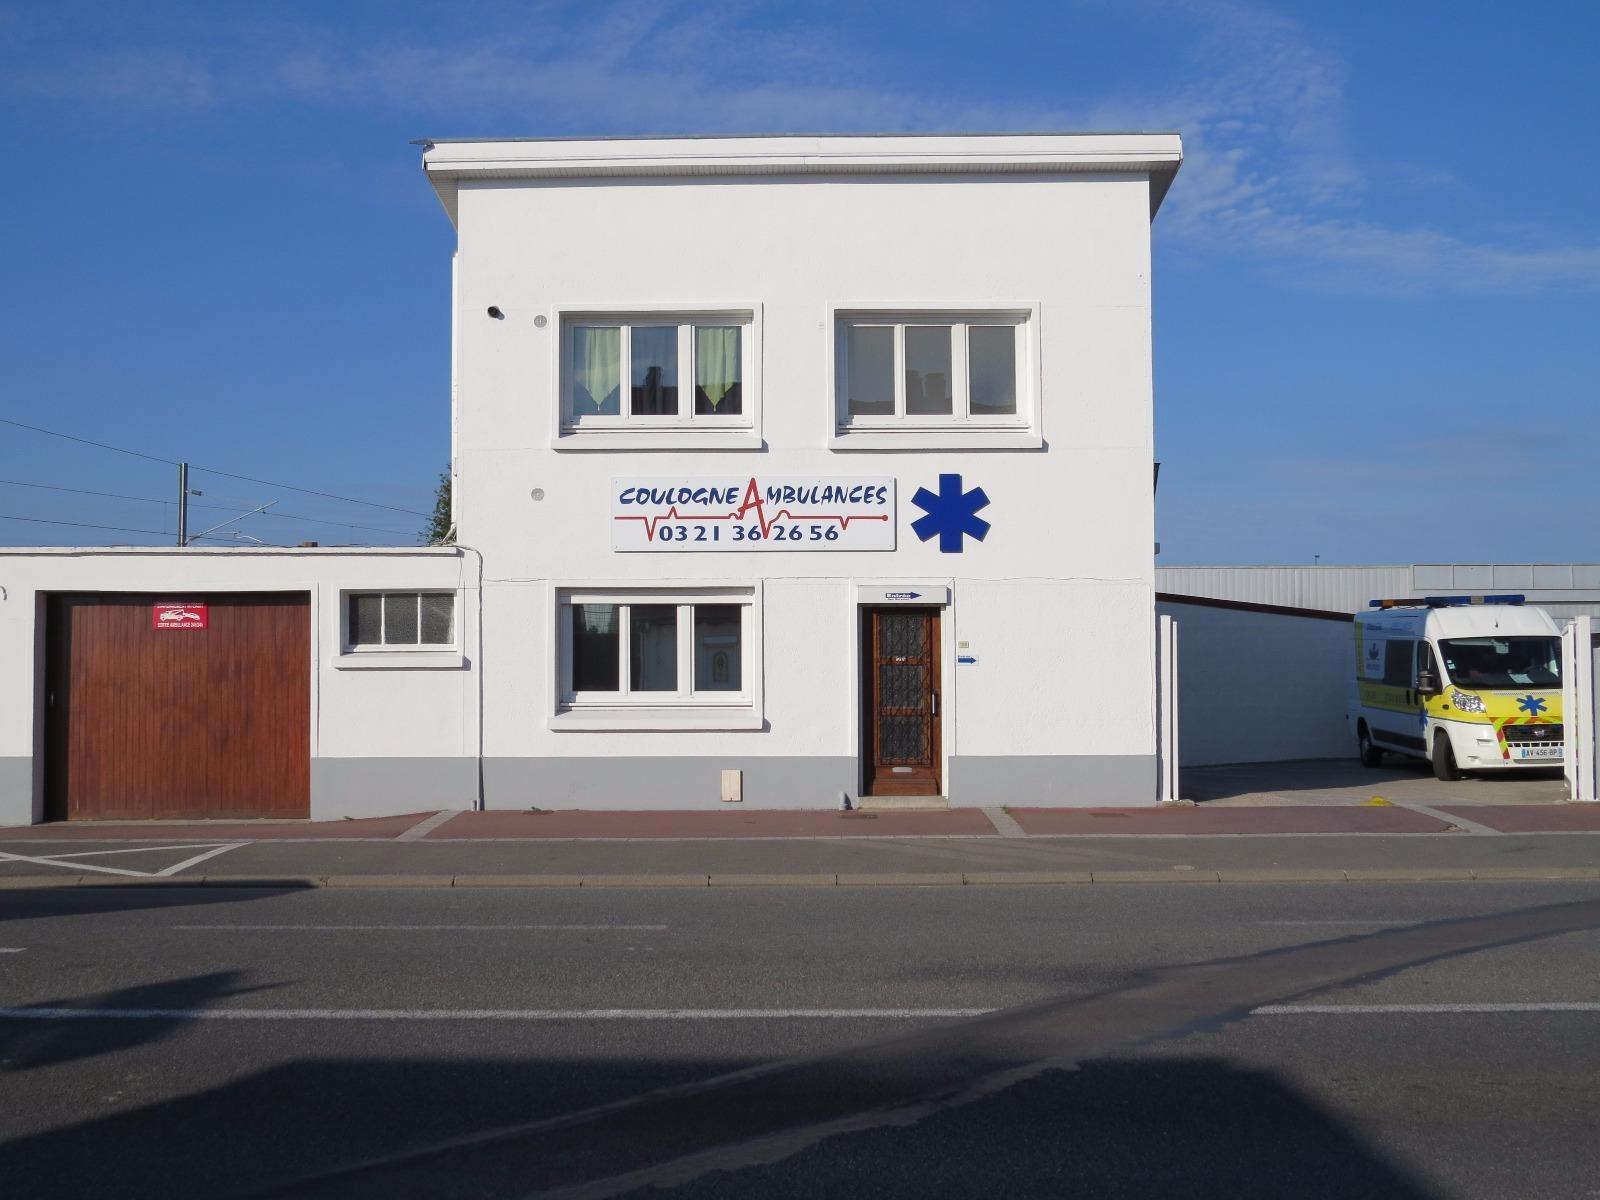 remboursement par l'assurance maladie et votre mutuelle santé à Calais (62) | Coulogne Ambulances